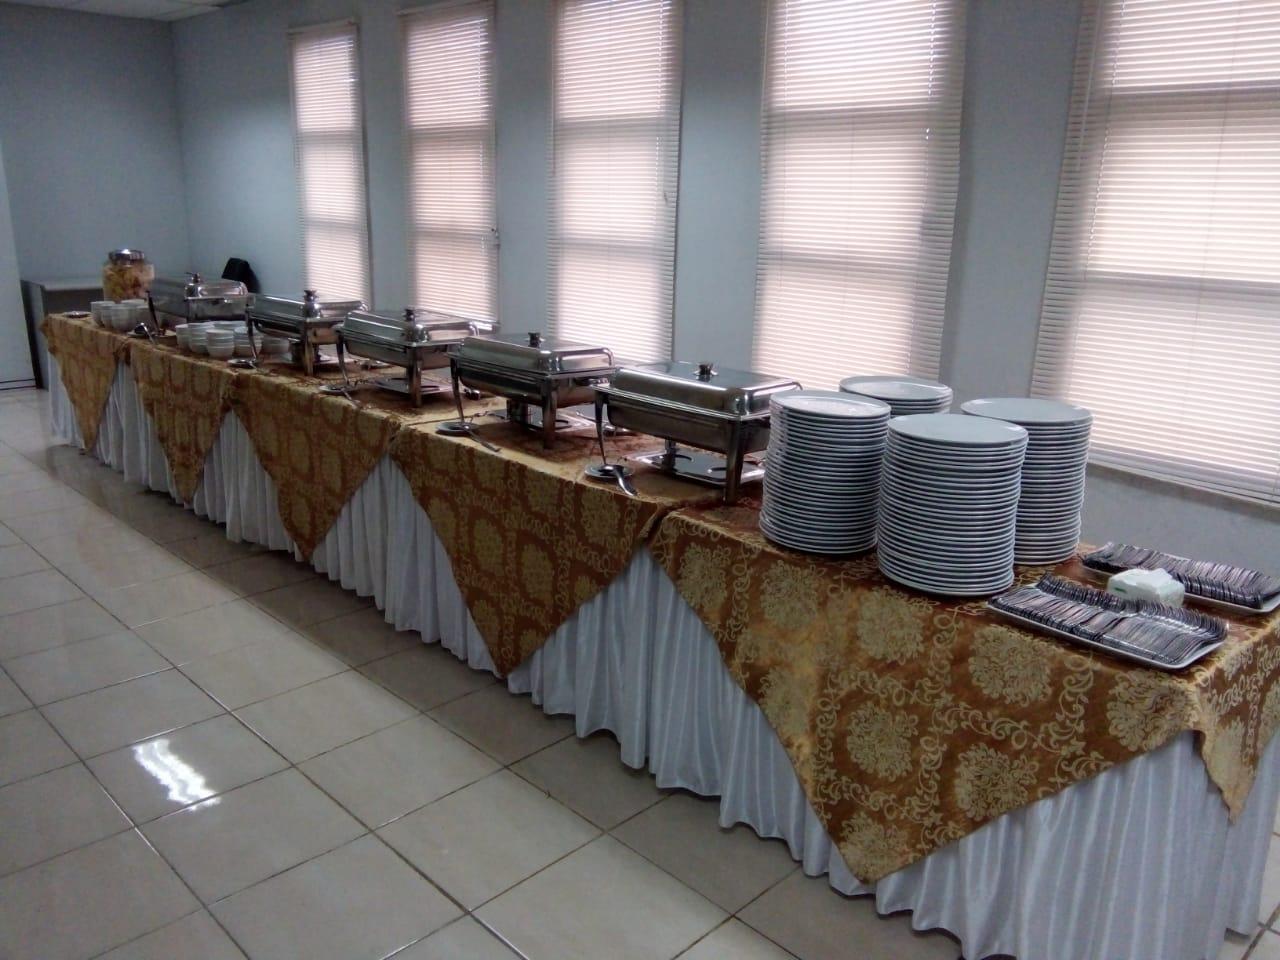 Catering Prasmanan Bendungan Hilir Jakarta Pusat yang Enak dan Murah